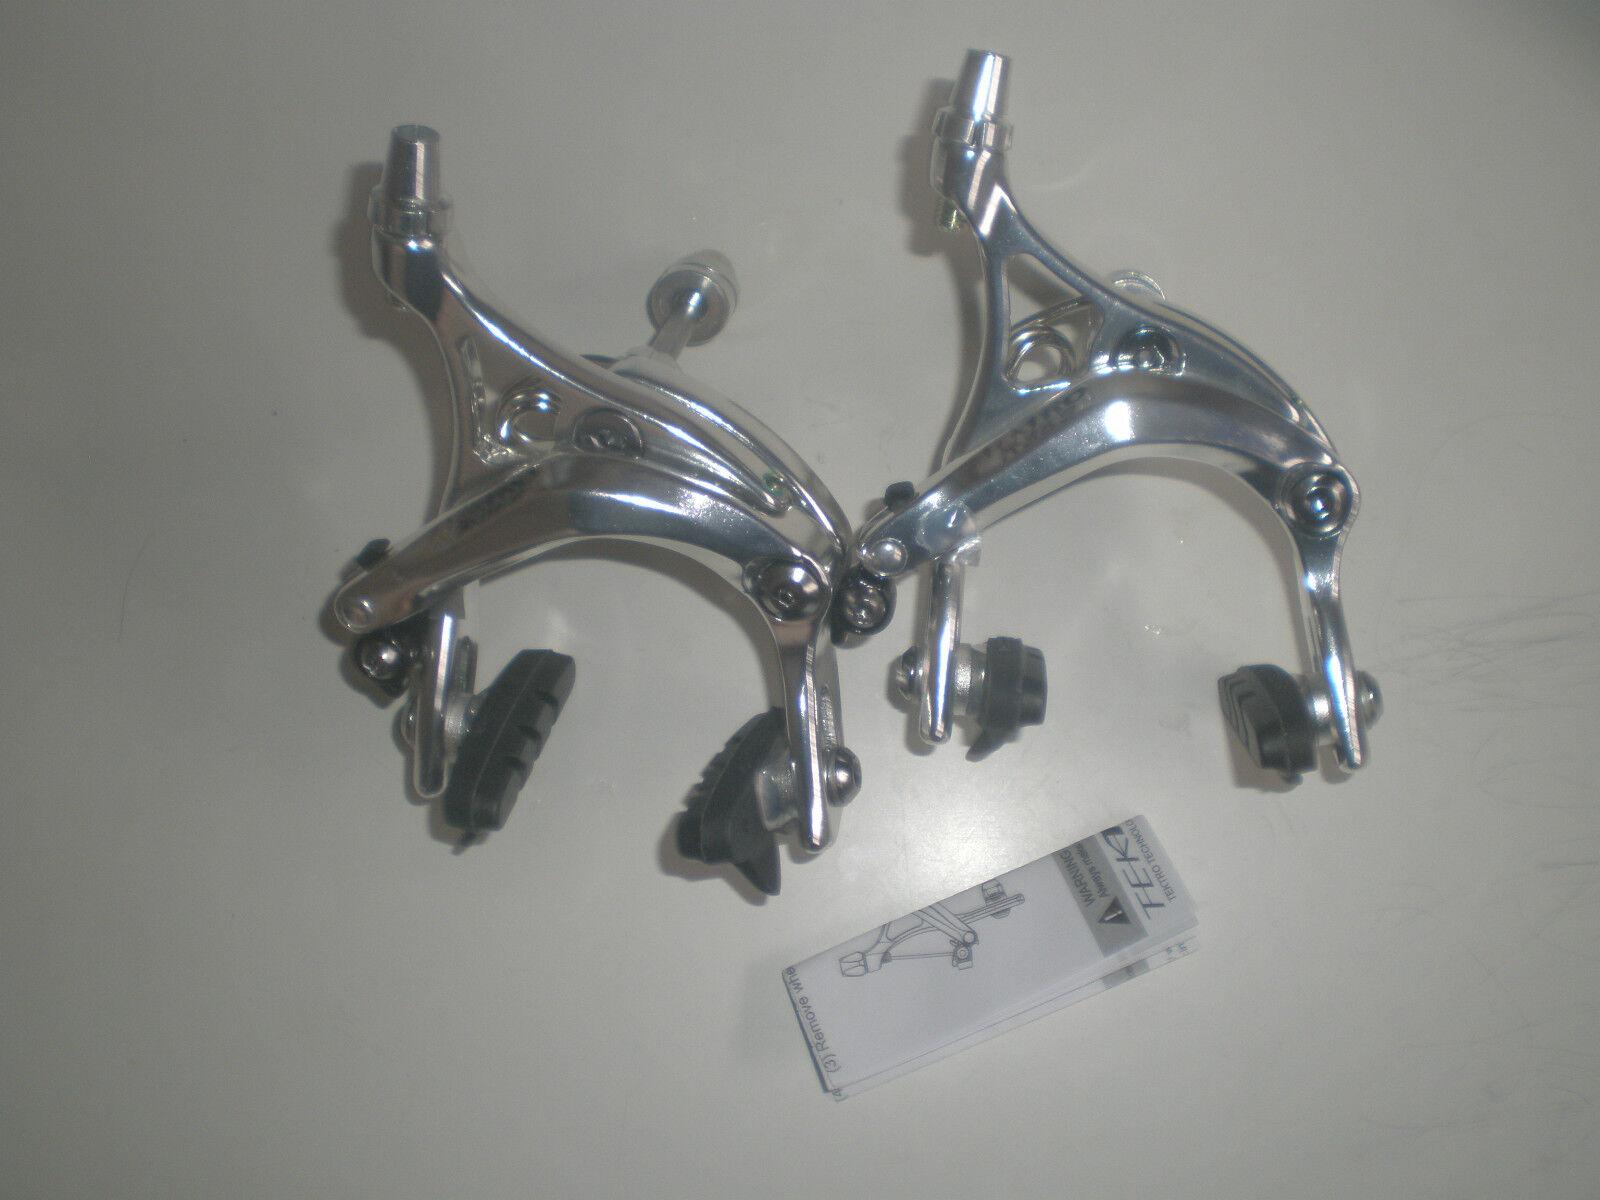 Tektro R359 long drop dual pivot allen key brakes 47-57mm  front/rear pair